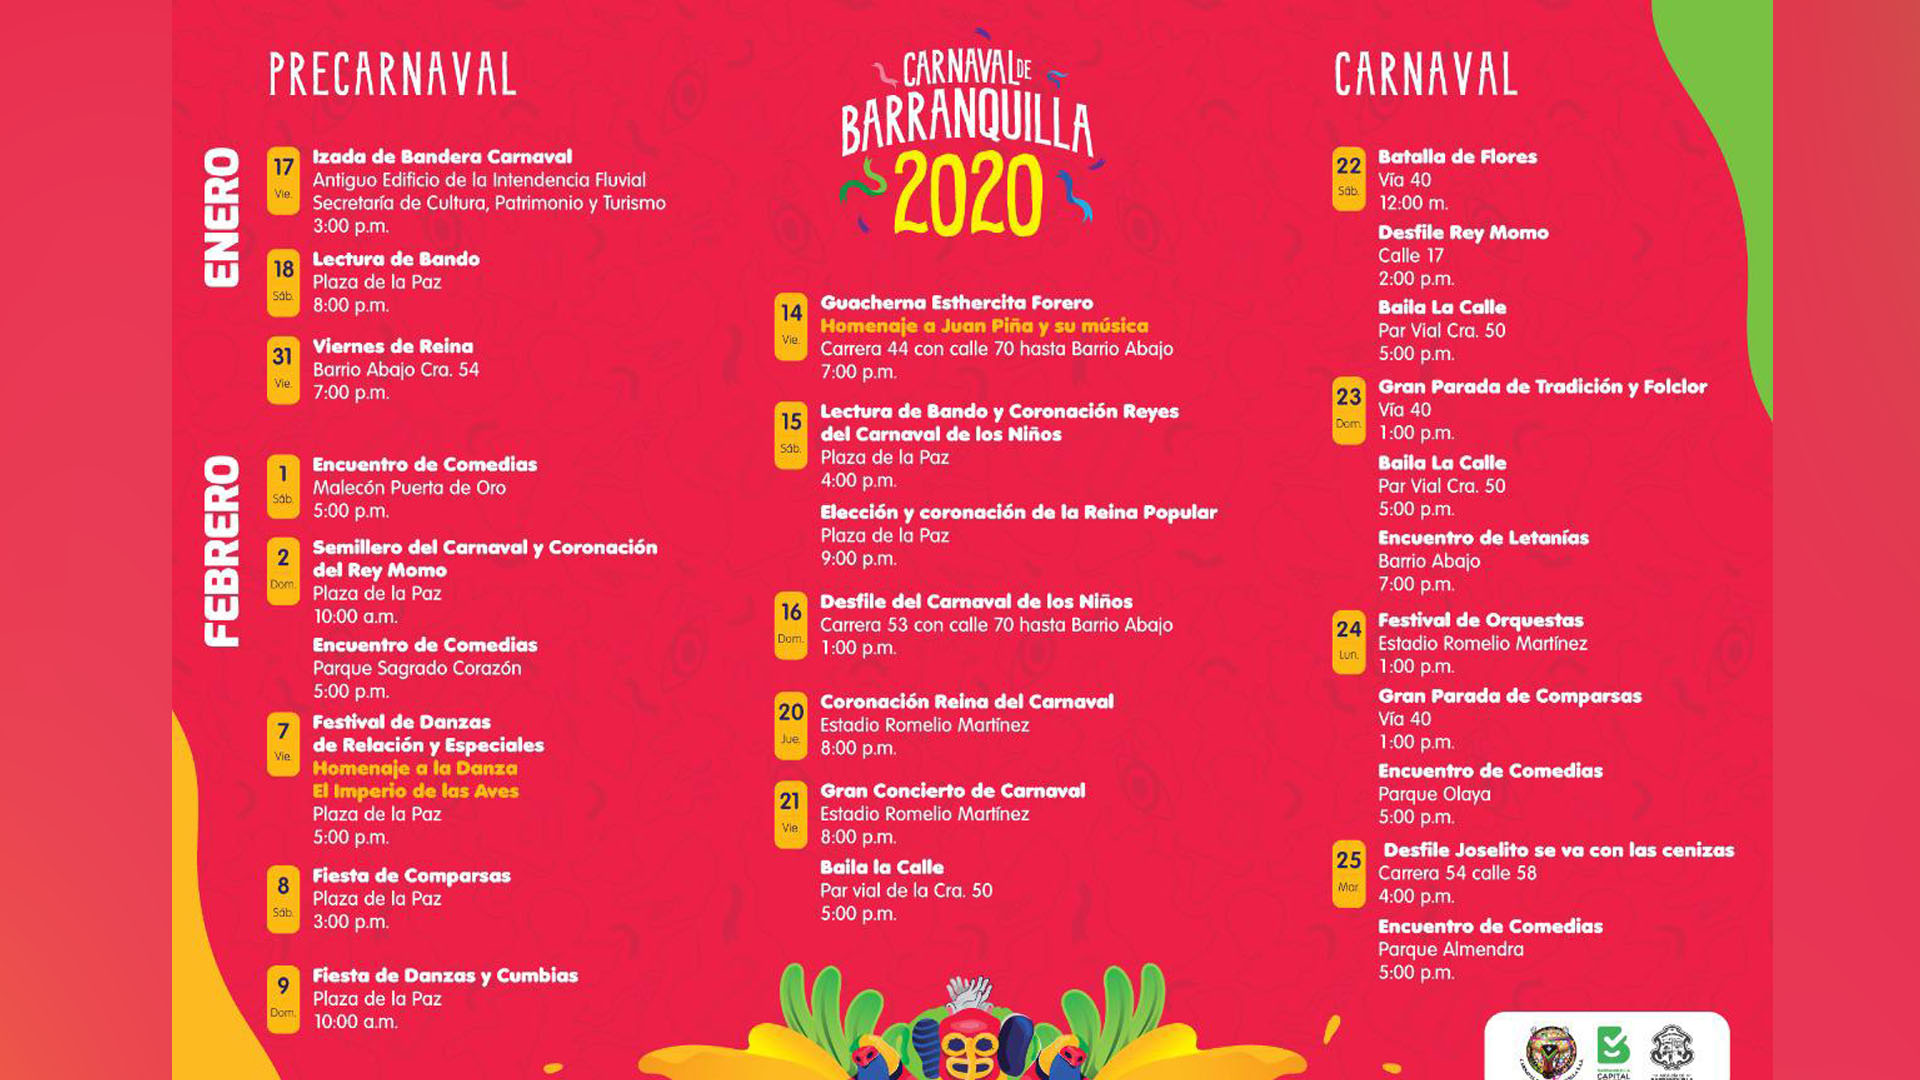 Programación de los eventos de pre y Carnaval 2020.